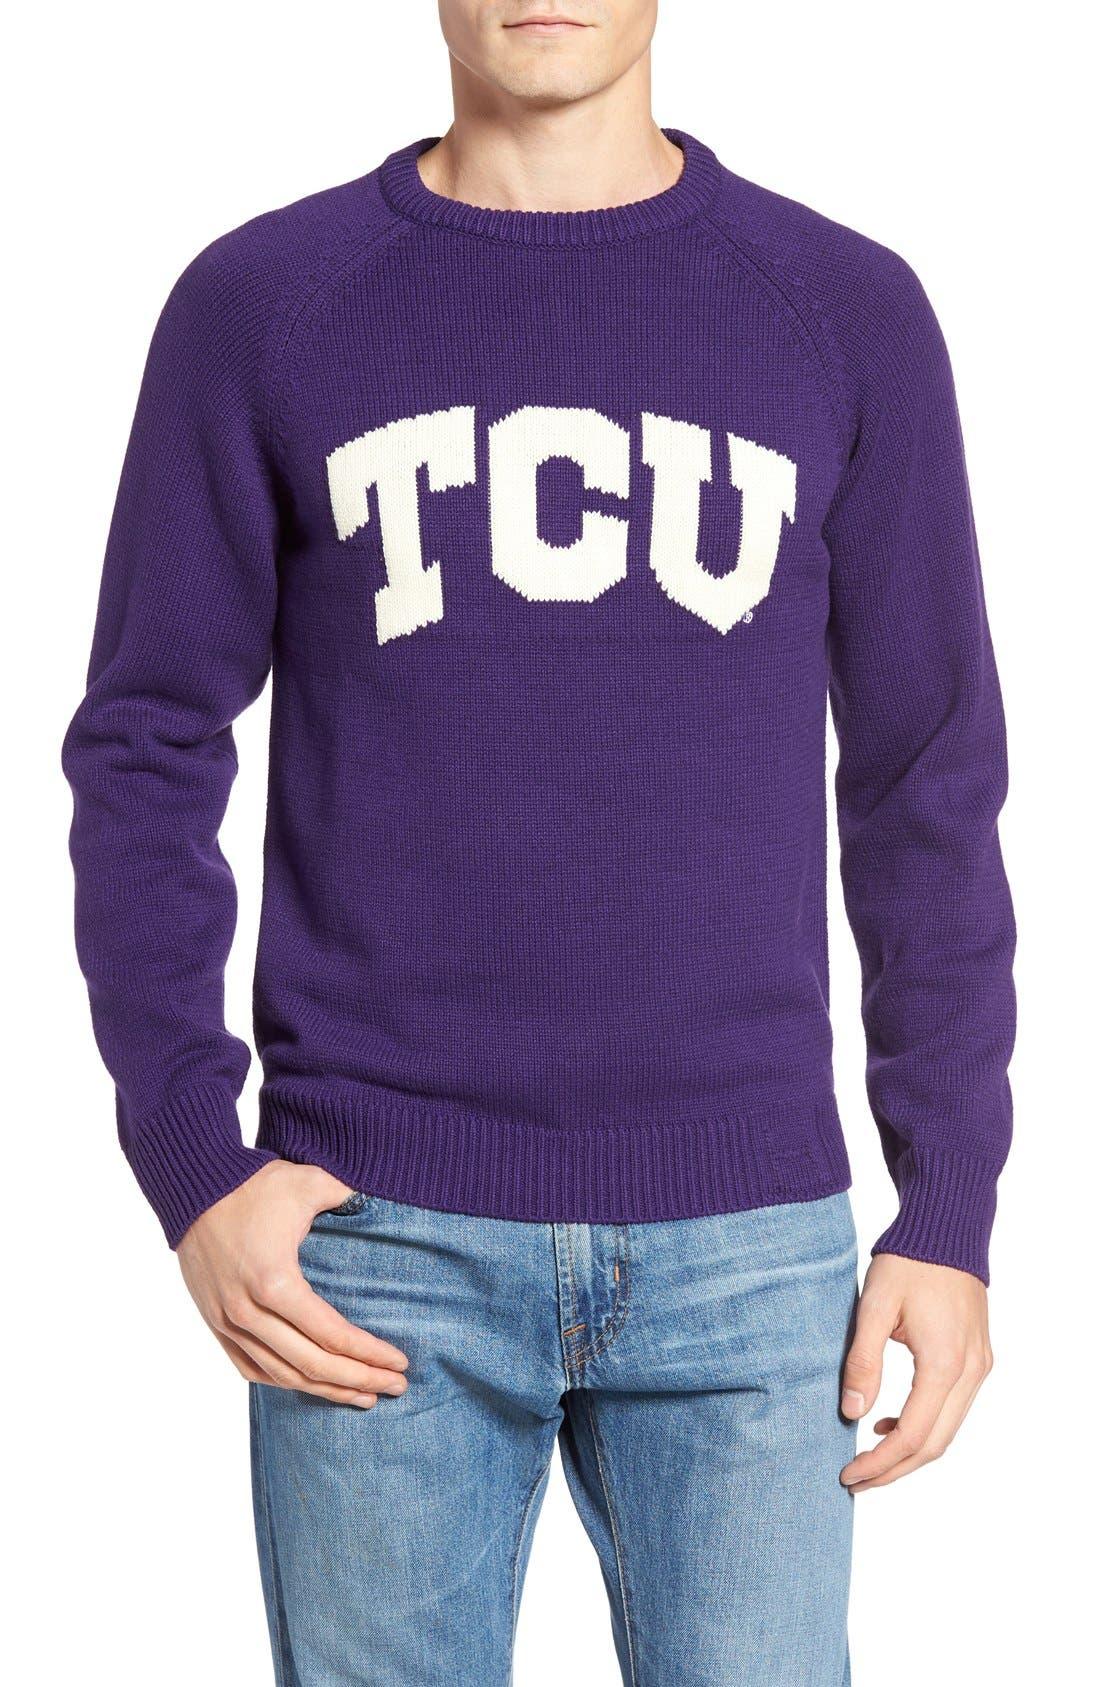 HILLFLINT,                             TCU Heritage Sweater,                             Main thumbnail 1, color,                             500